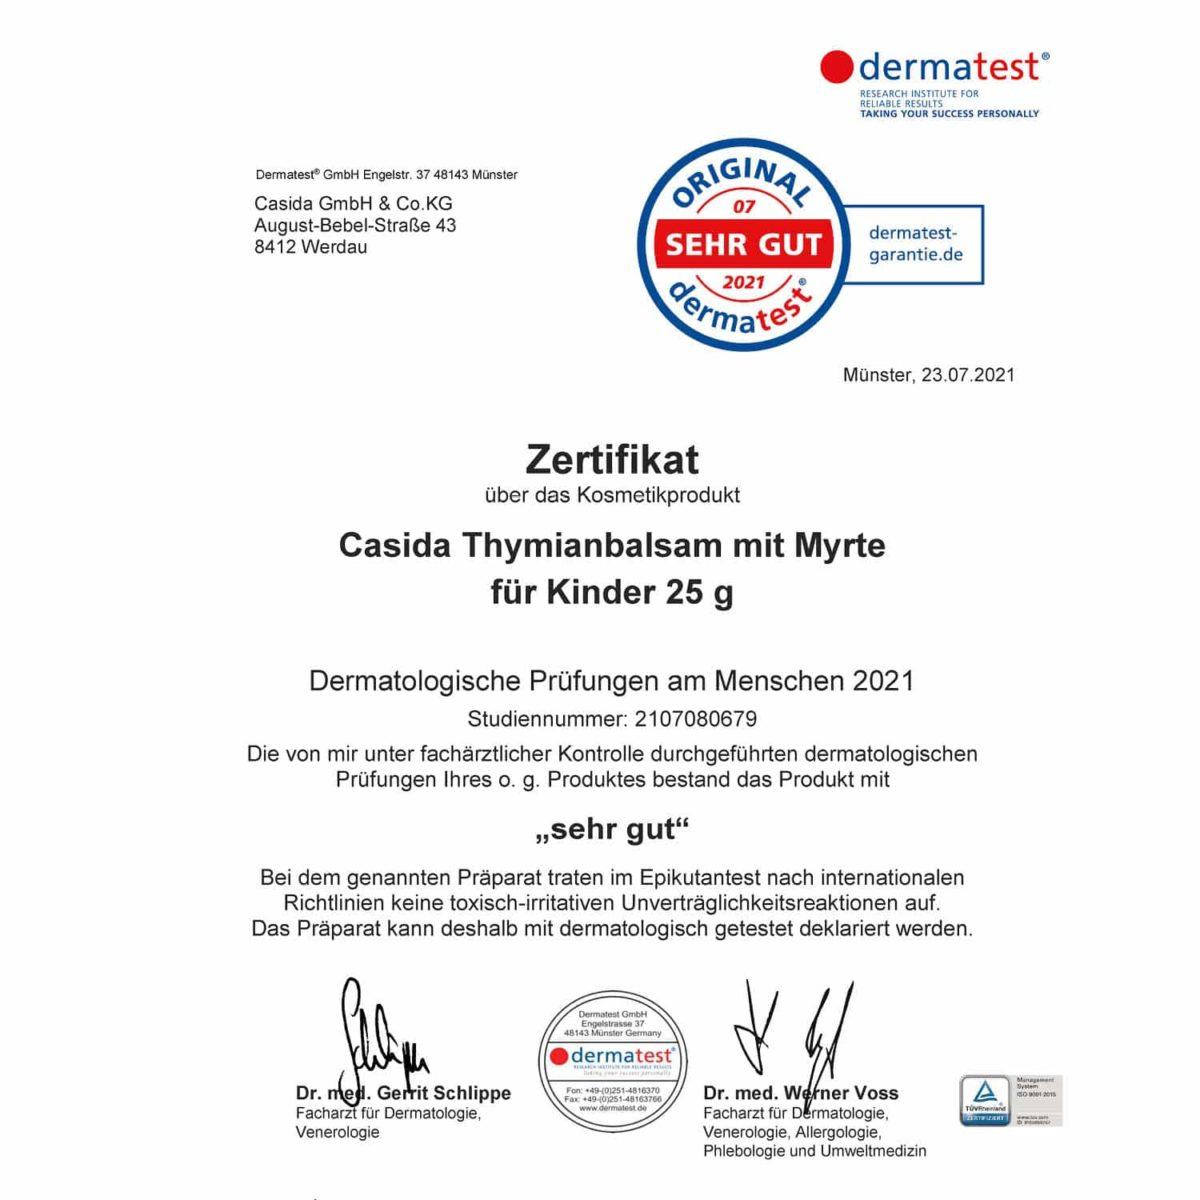 Casida Dermatest Zertifikat Thymianbalsam mit Myrte Kinder Bio